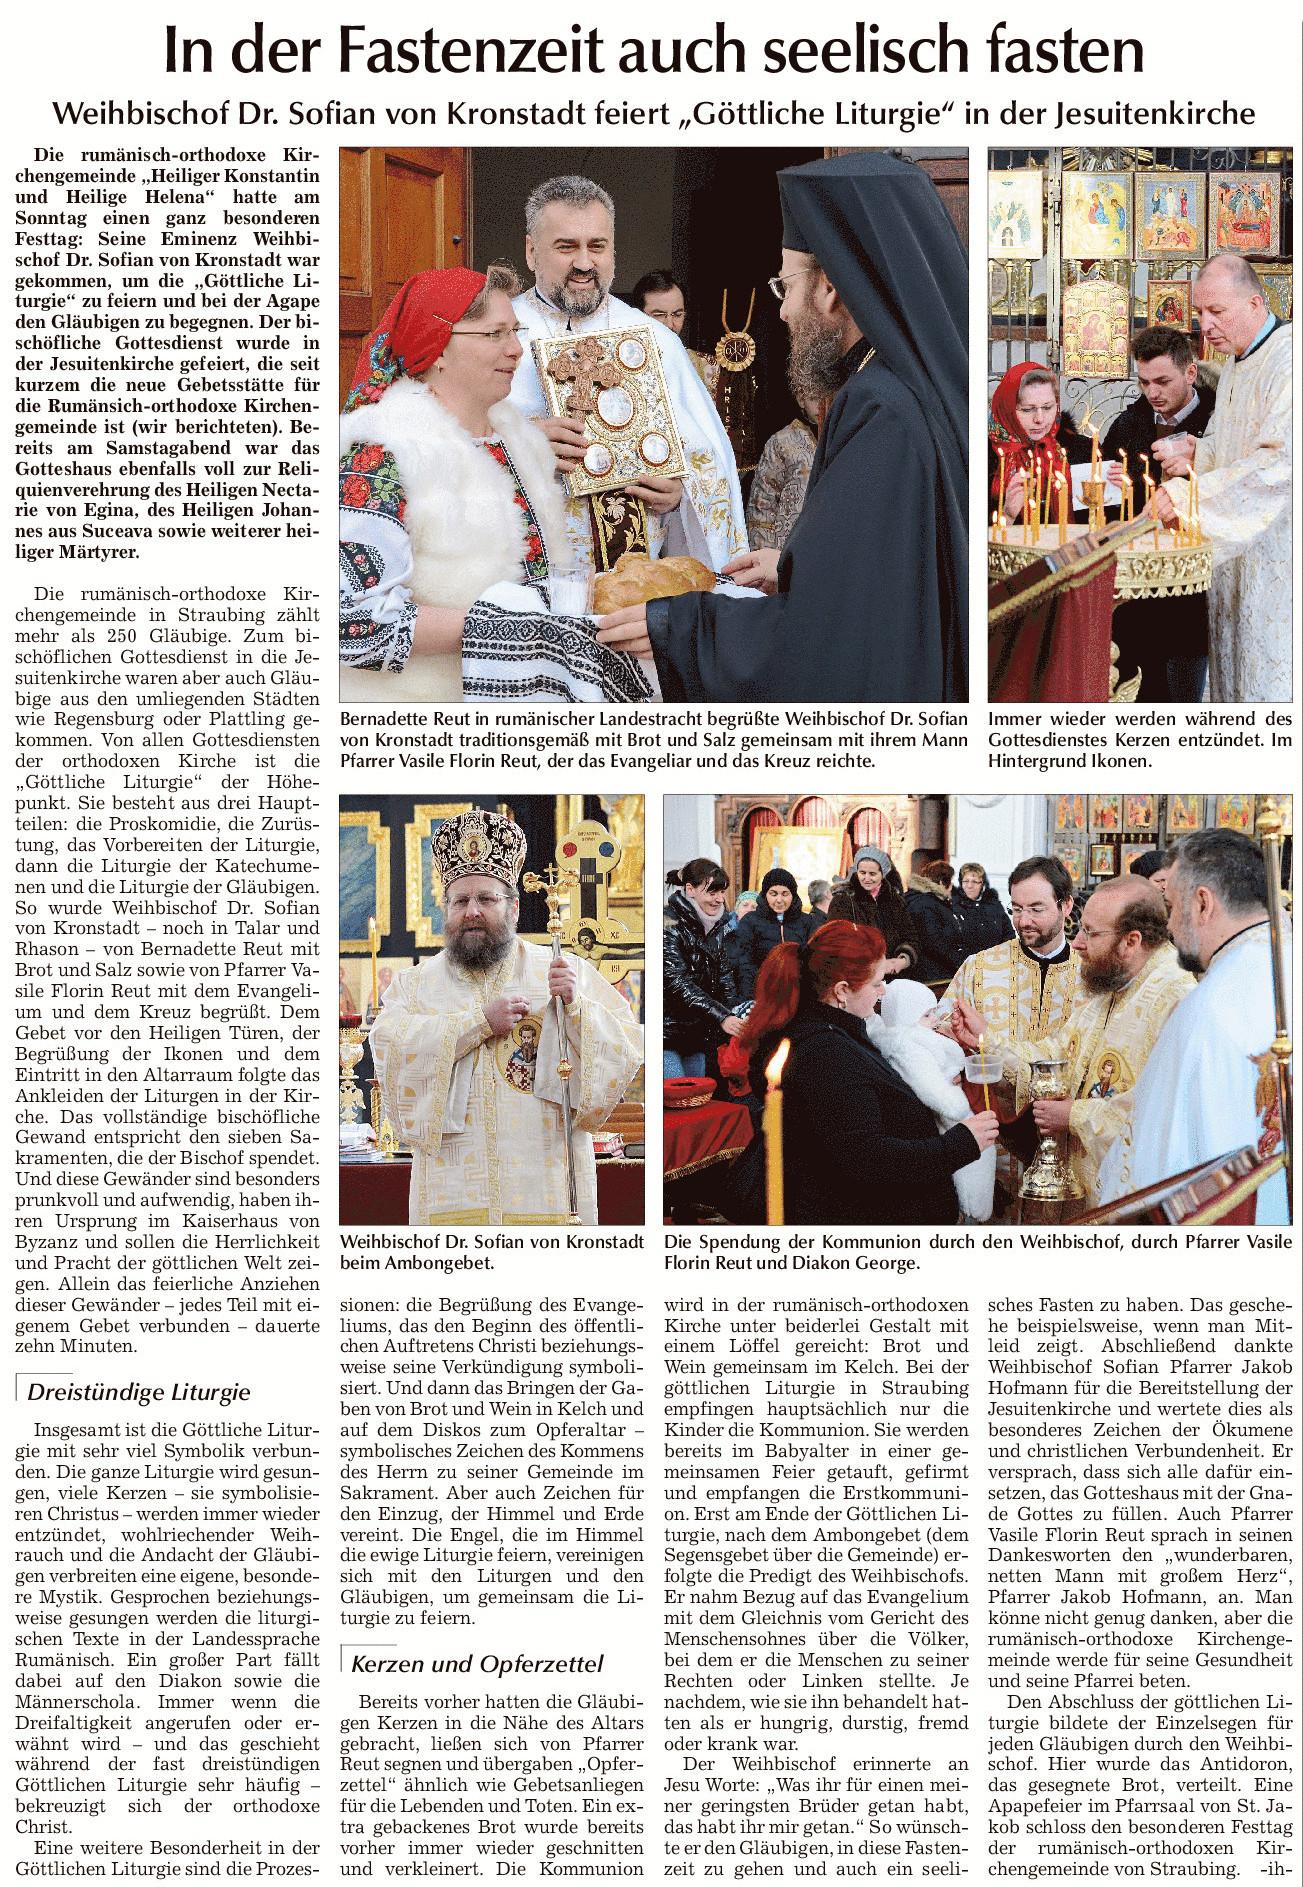 """In der Fastenzeit auch seelisch fasten Weihbischof Dr. Sofian von Kronstadt feiert """"Göttliche Liturgie"""" in der Jesuitenkirche Straubing"""